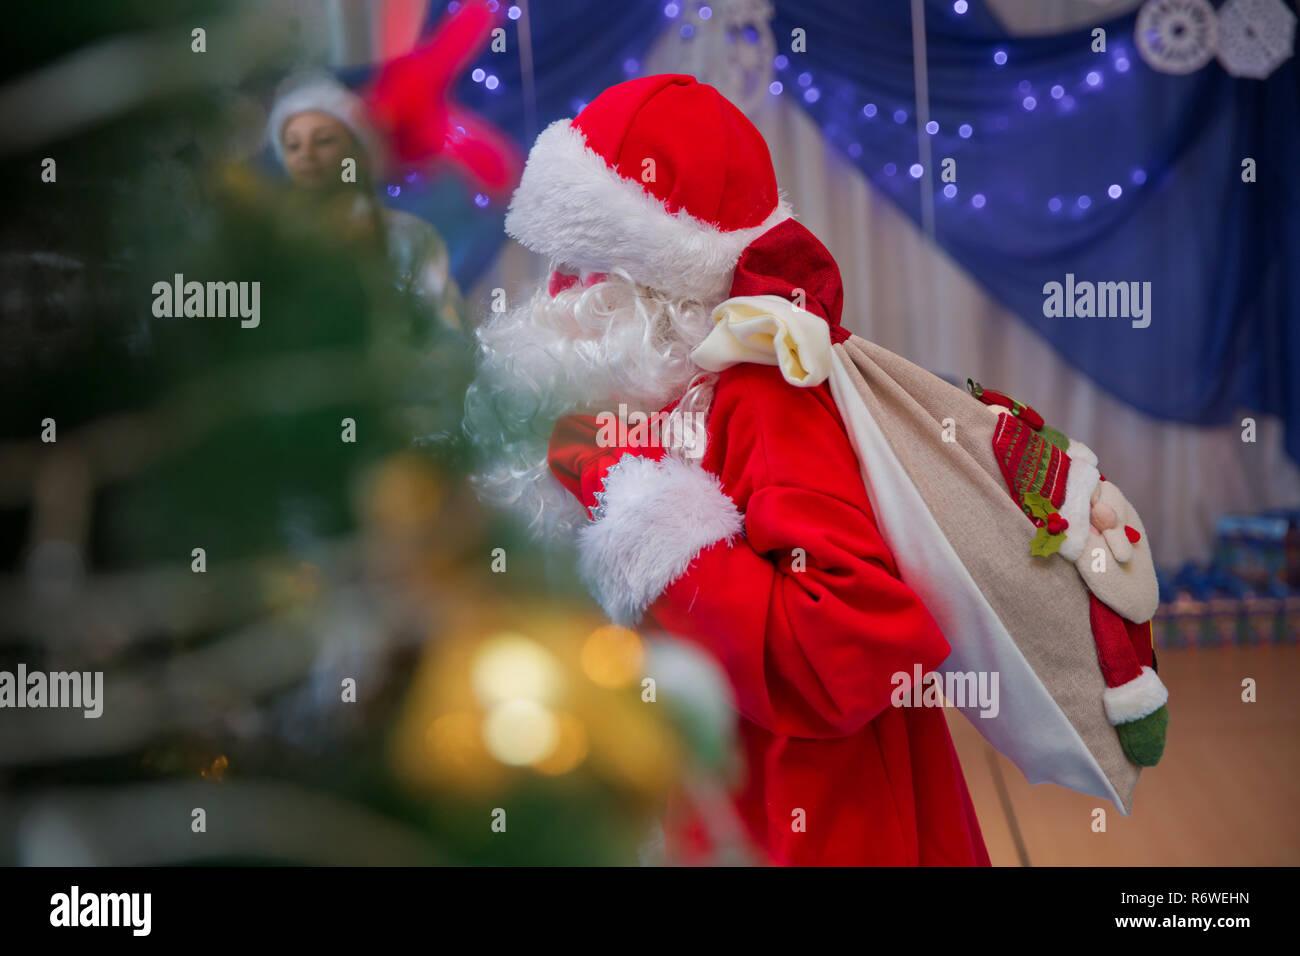 Babbo Natale Canzone.Babbo Natale Sta Cantando Canzoni Di Natale Contro Uomo In Santa